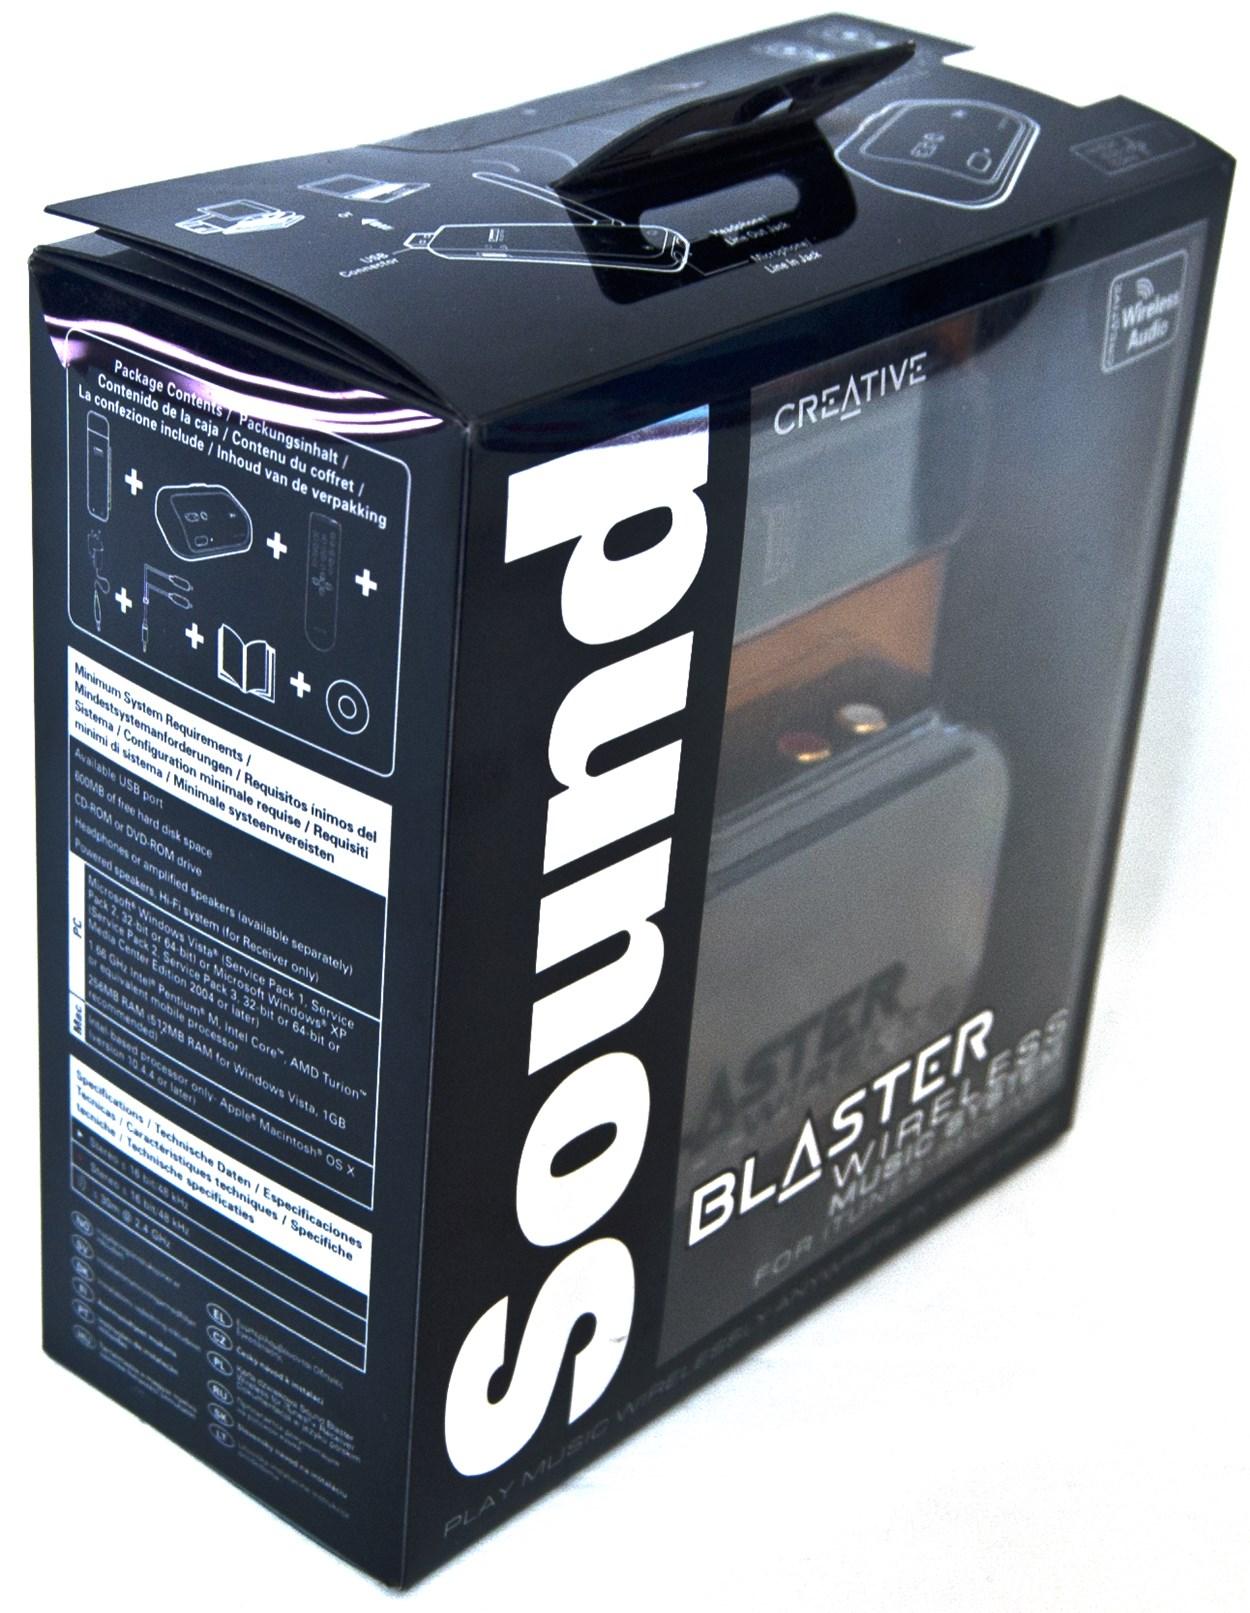 Creative Sound Blaster Wireless Music System